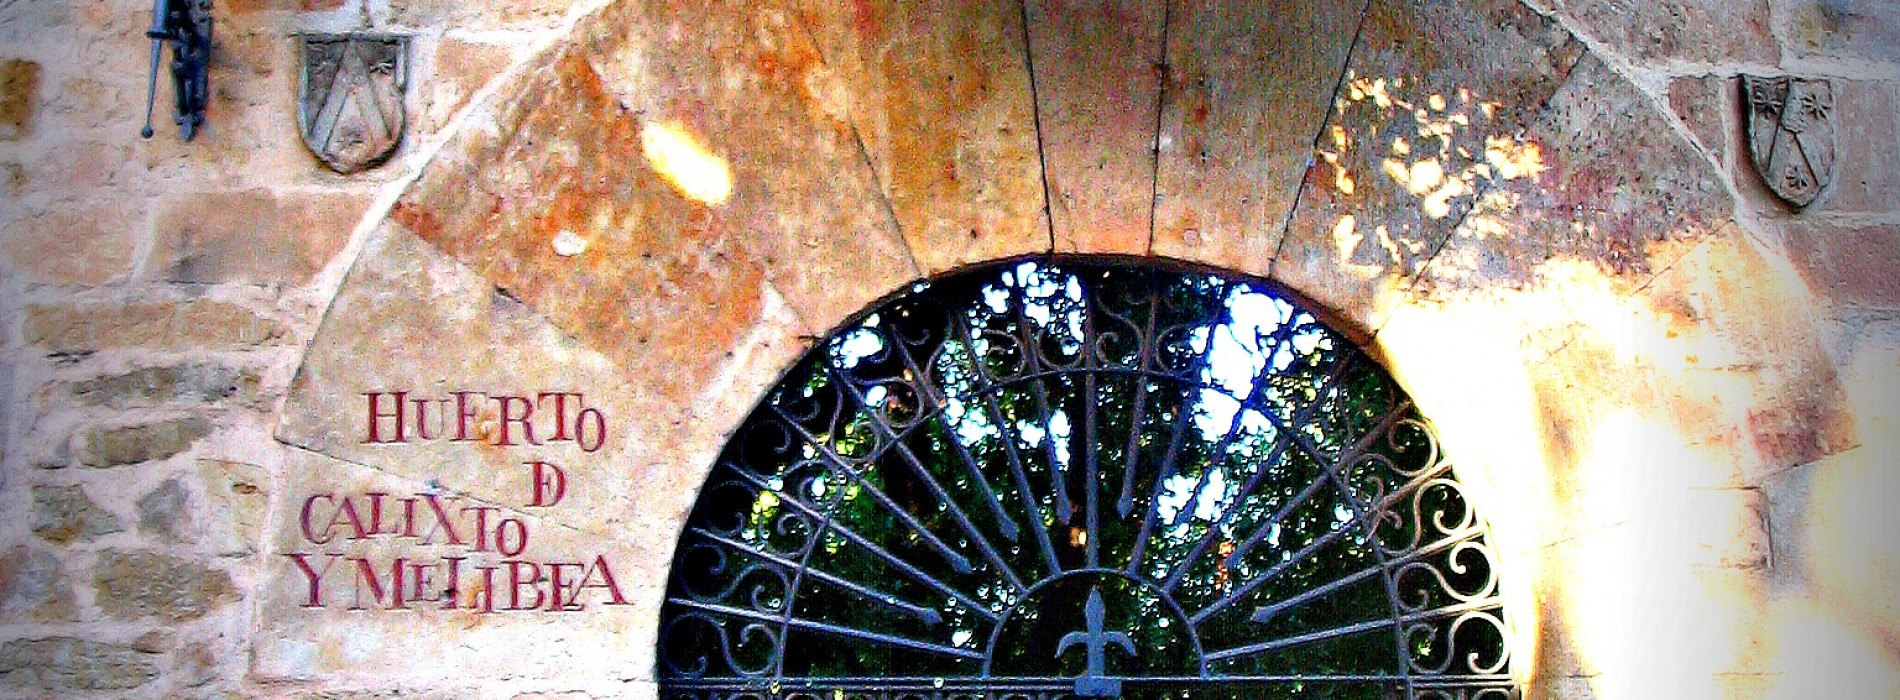 El huerto de Calisto y Melibea